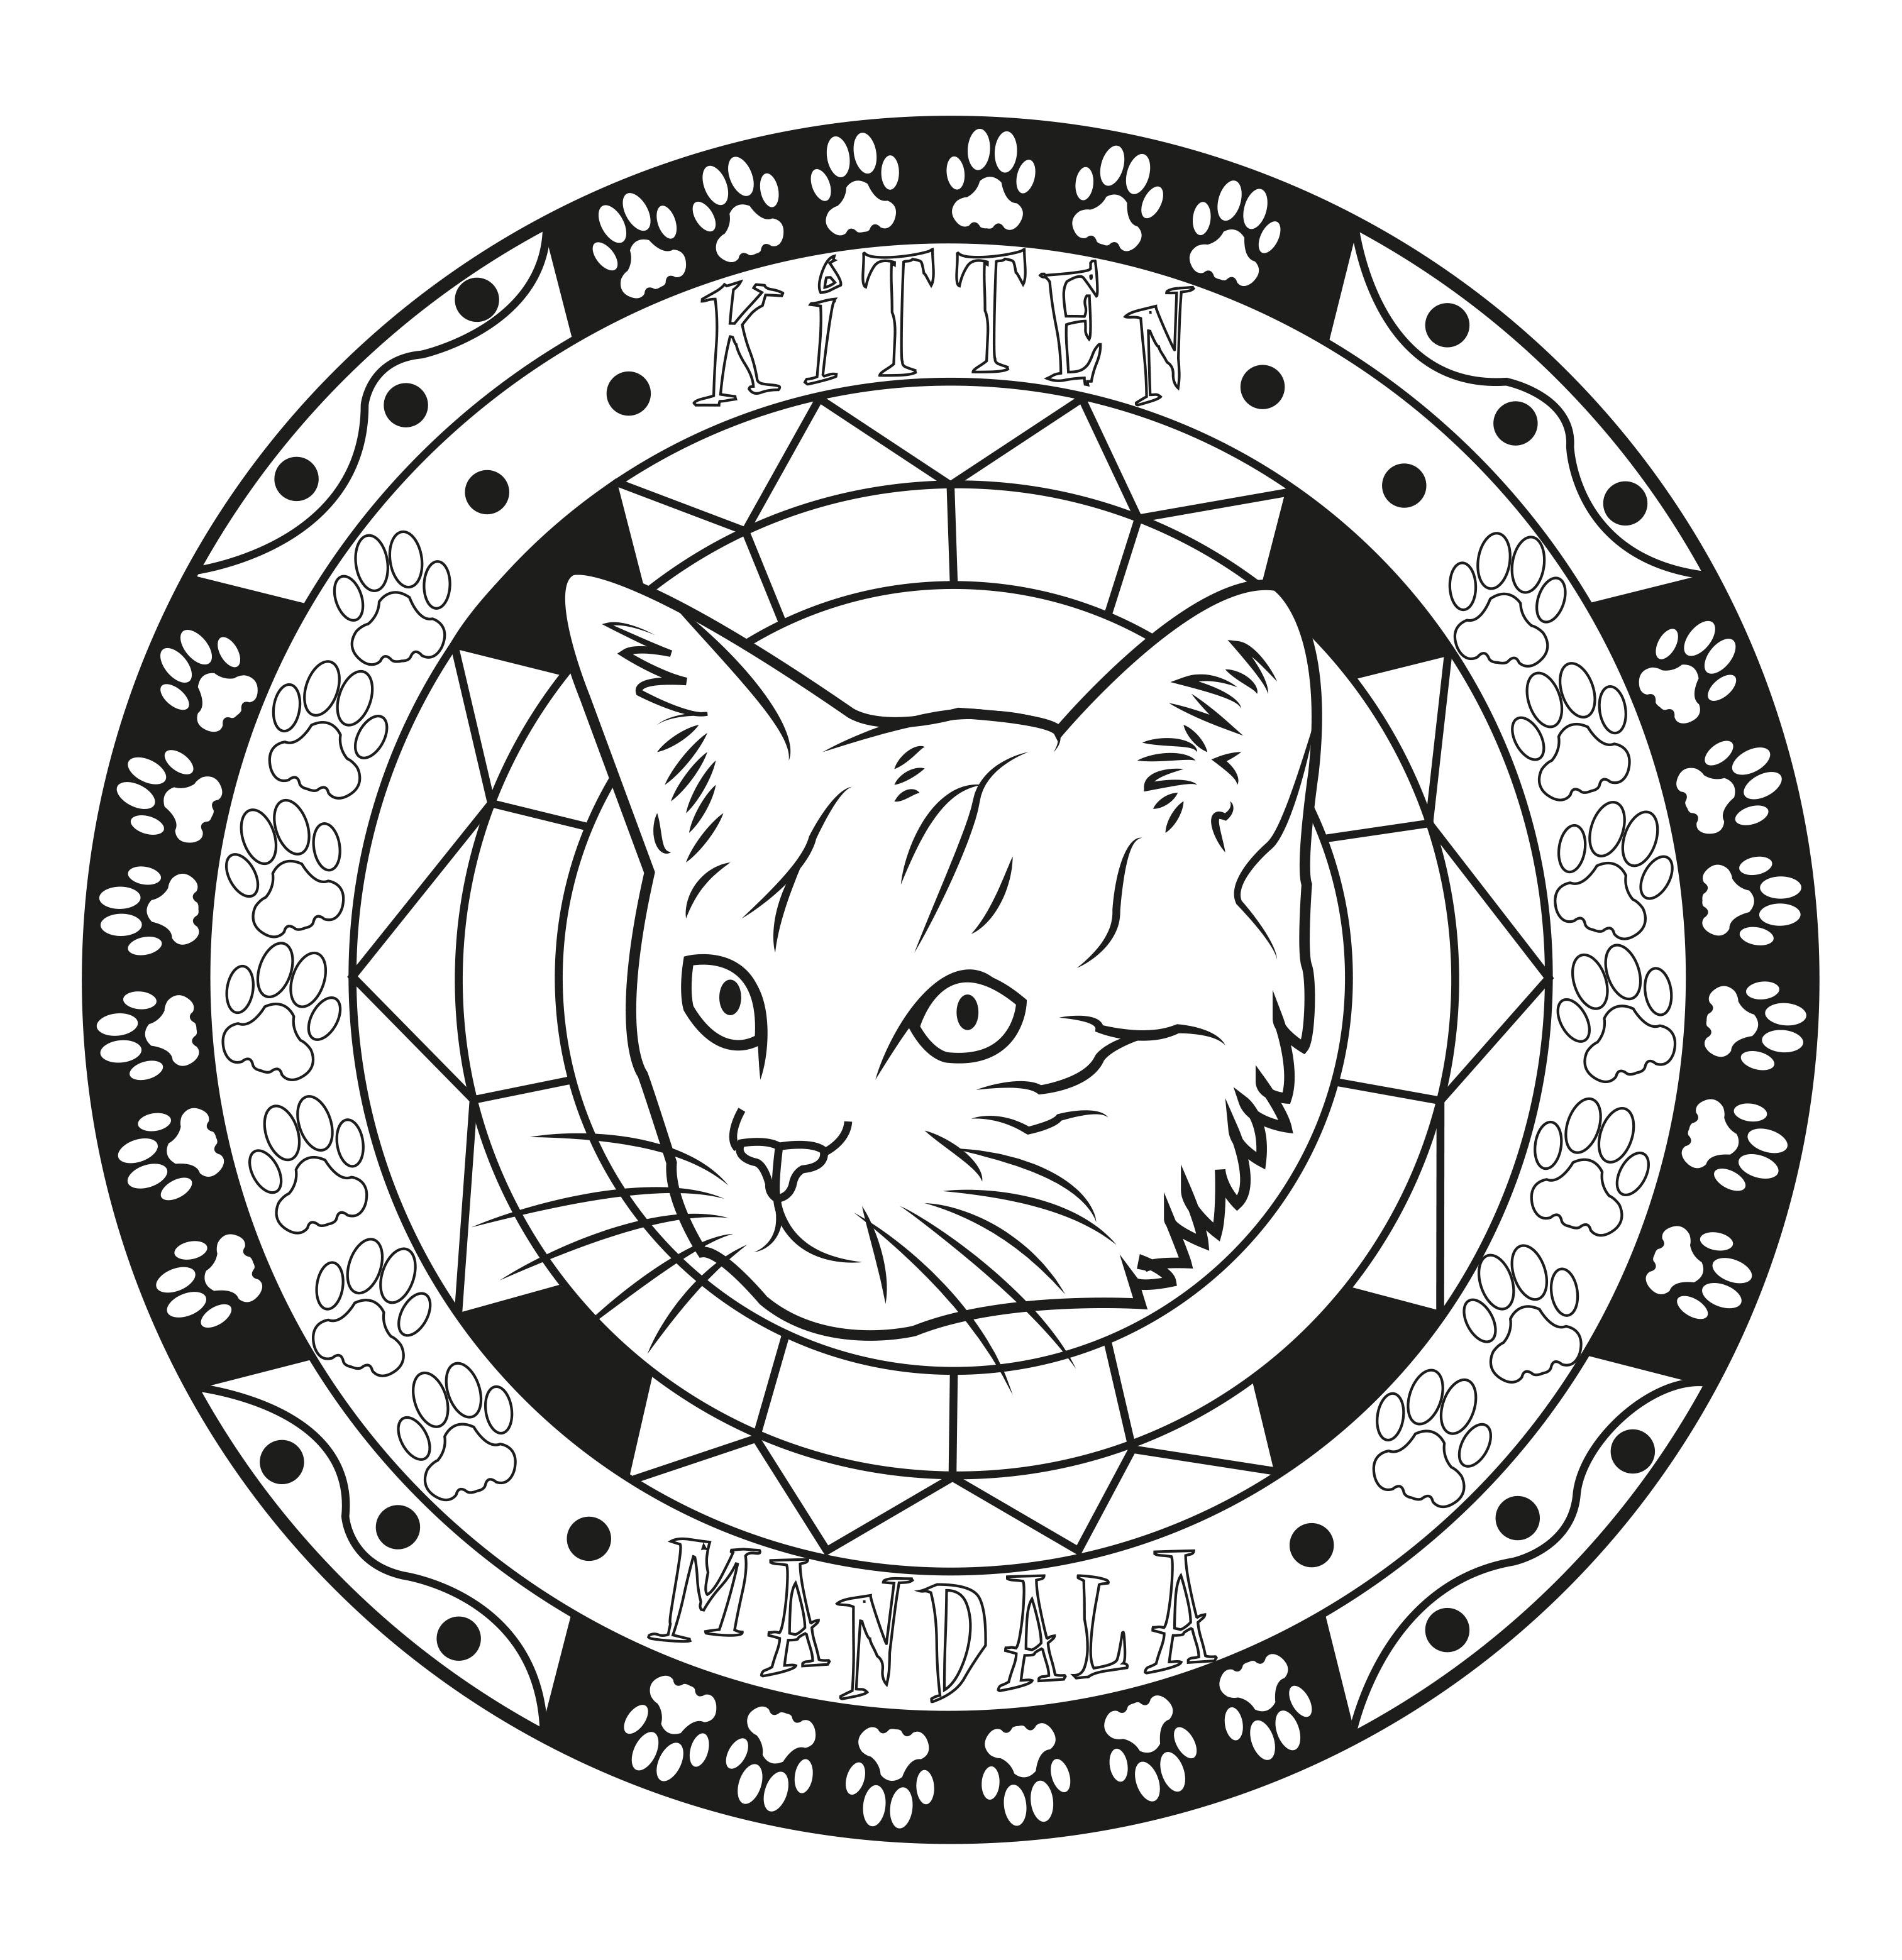 Coloriage Adulte Chat.Mandala Adulte Chat Mandalas De Difficulte Normale 100 Mandalas